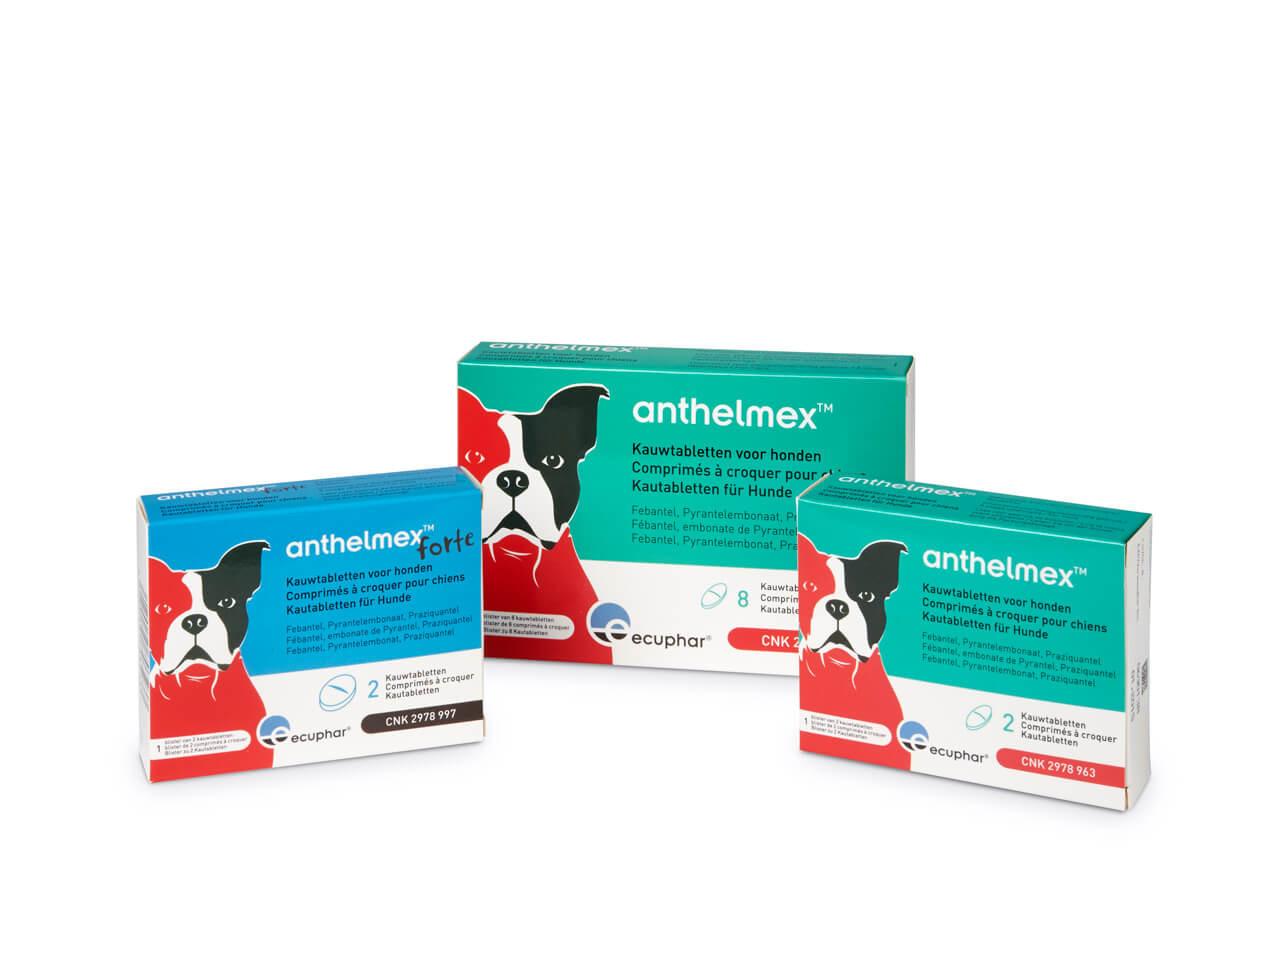 Anthelmex Kauwtabletten voor honden